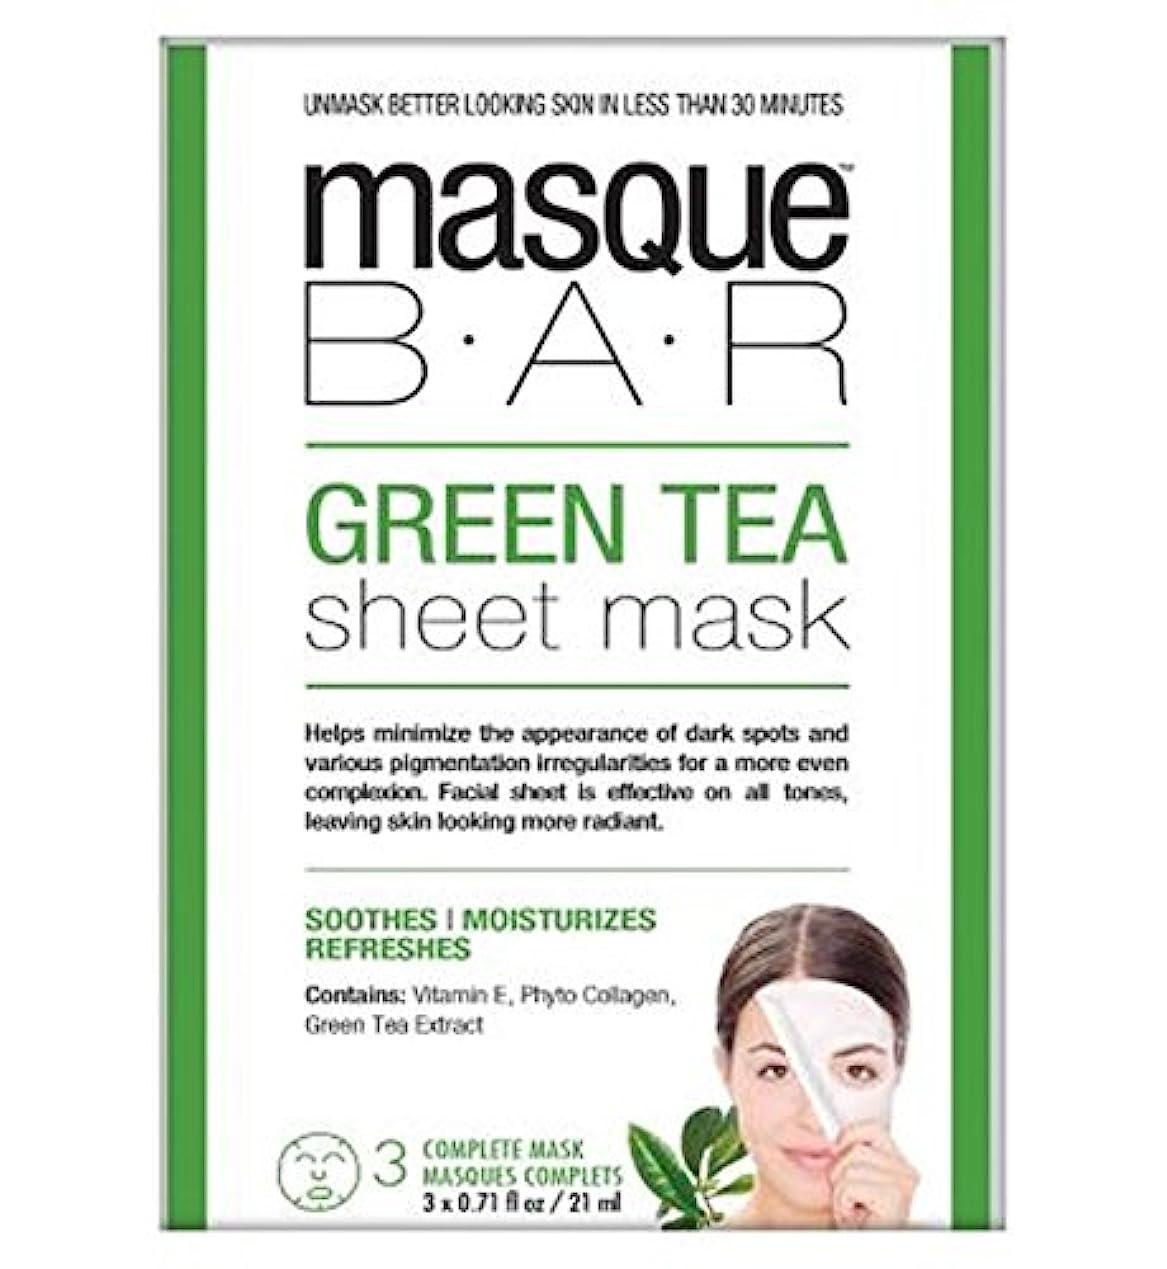 ベーカリー違う代わりにを立てる仮面劇バー緑茶シートマスク - 3完全なマスク (P6B Masque Bar Bt) (x2) - Masque Bar Green Tea Sheet Mask - 3 complete masks (Pack of...